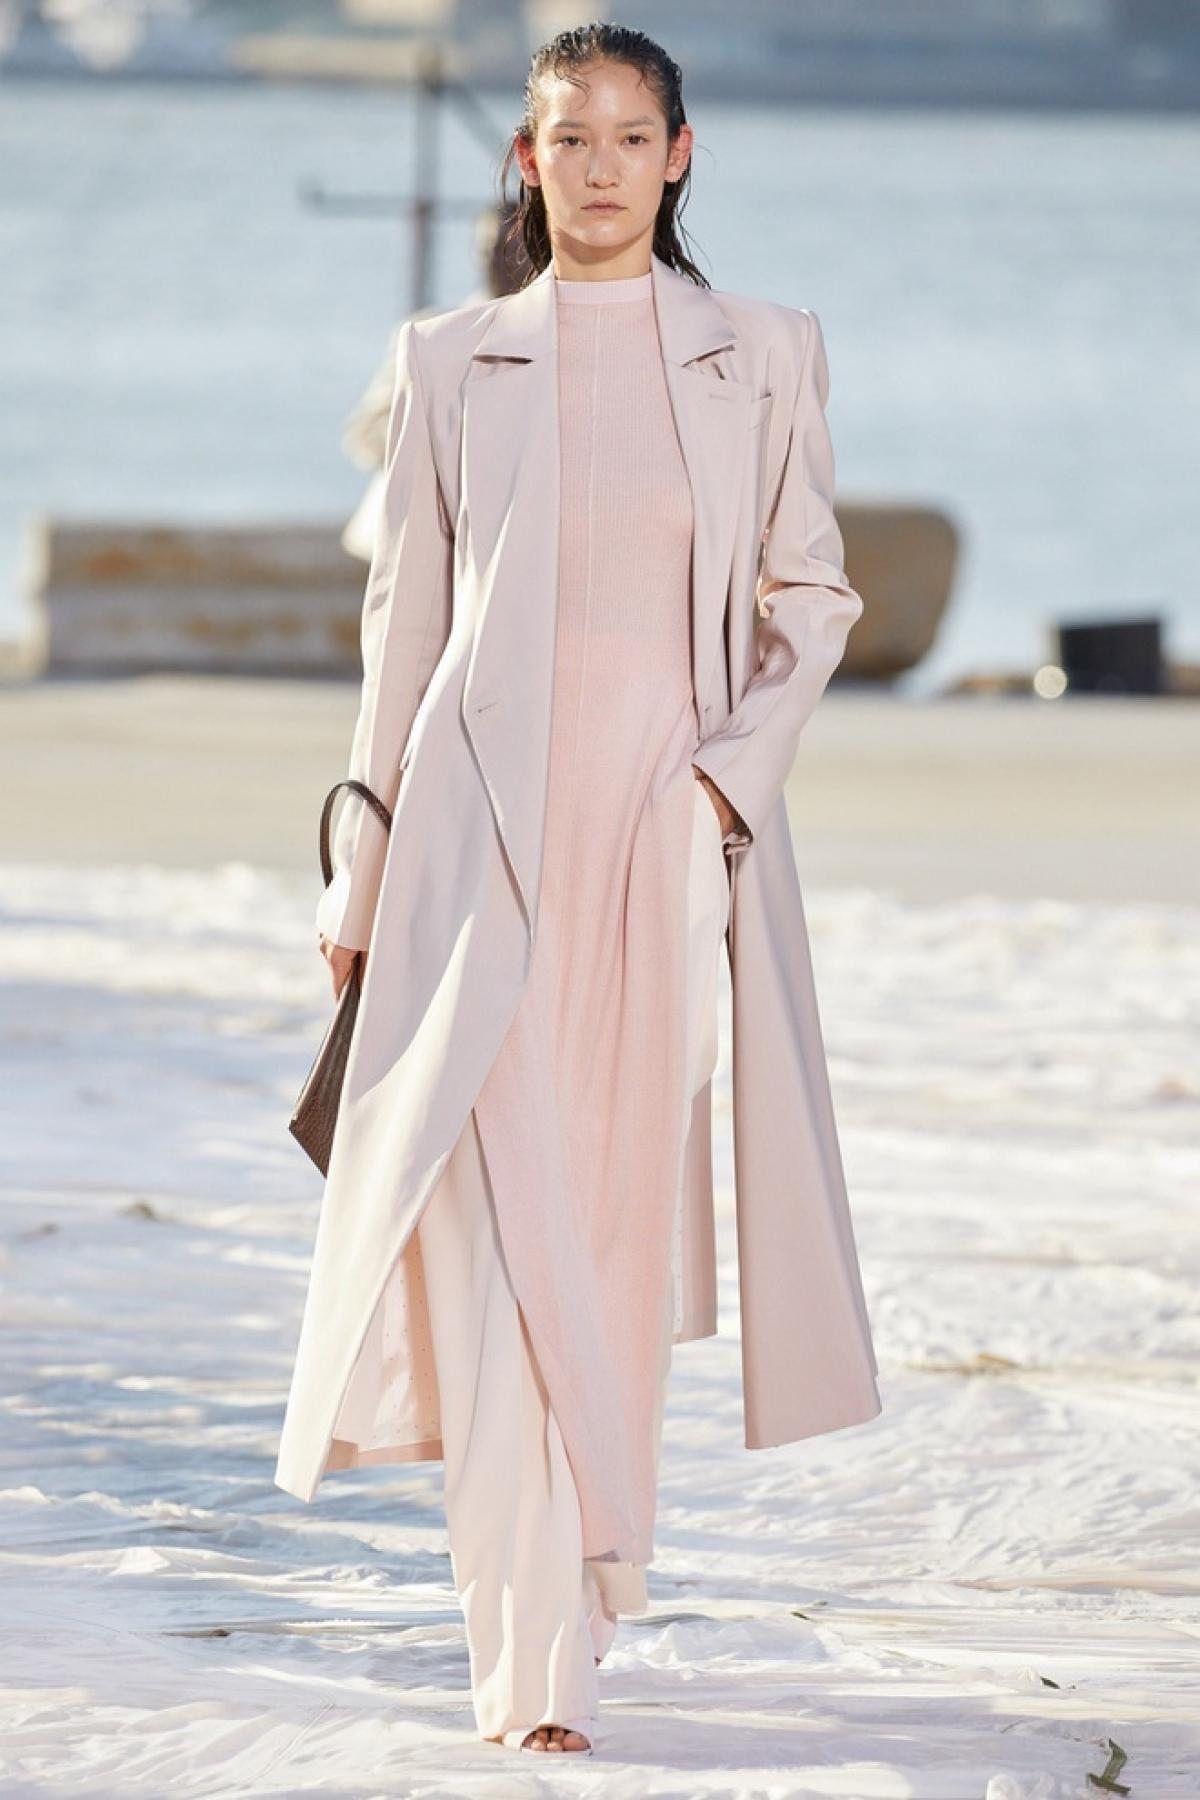 Áo dài được cách điệu trong thiết kế của Peter Do tại Tuần lễ thời trang New York.